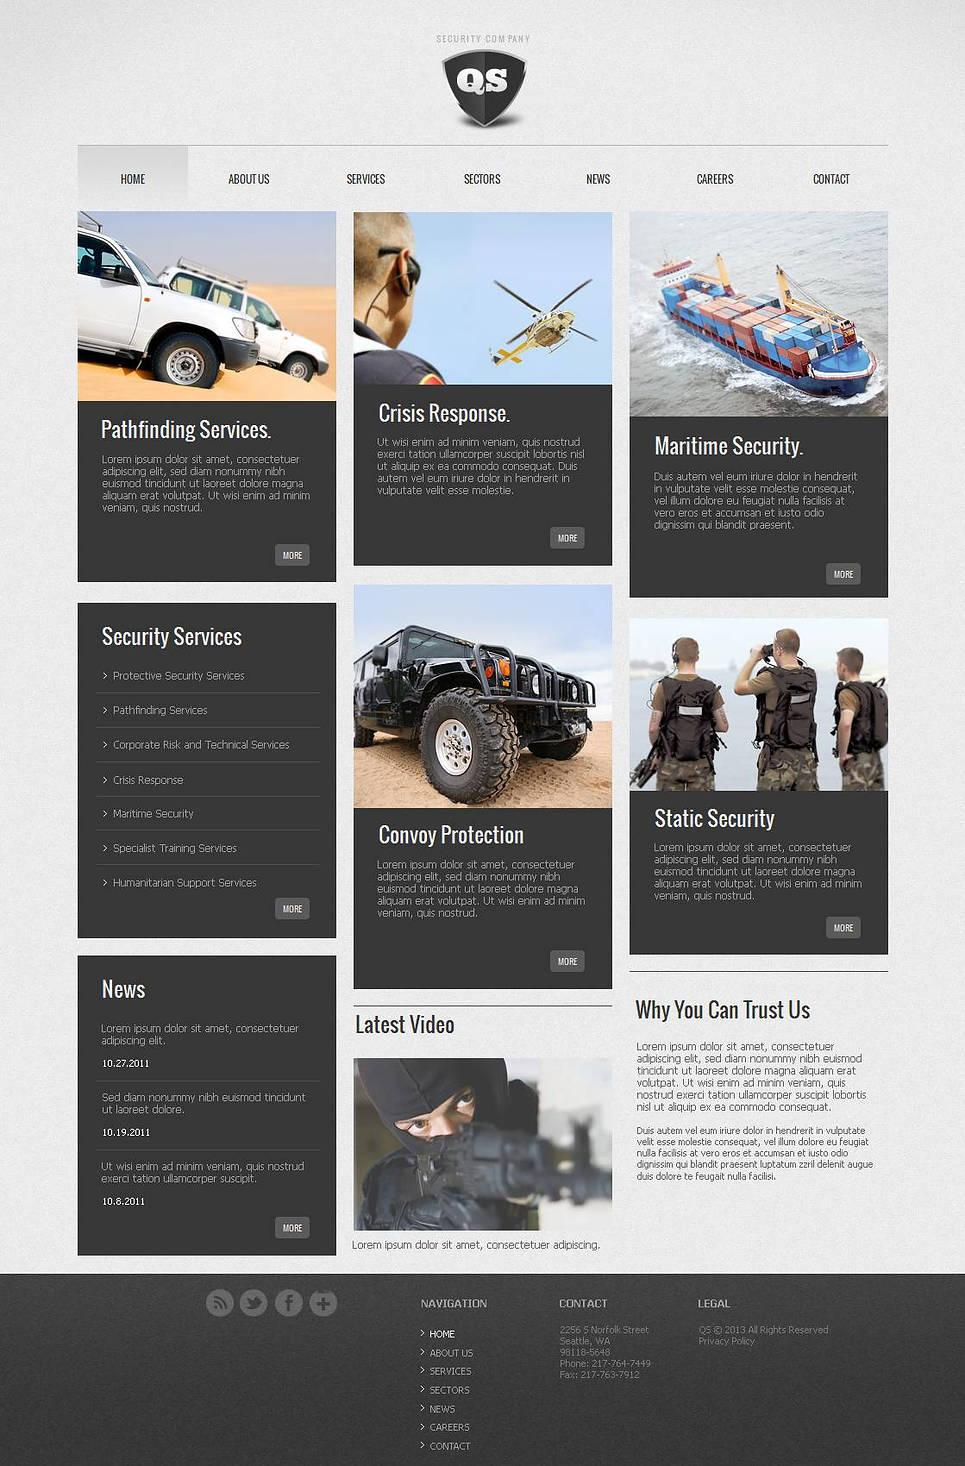 MotoCMS HTML Шаблон #43655 из категории Безопасность - image